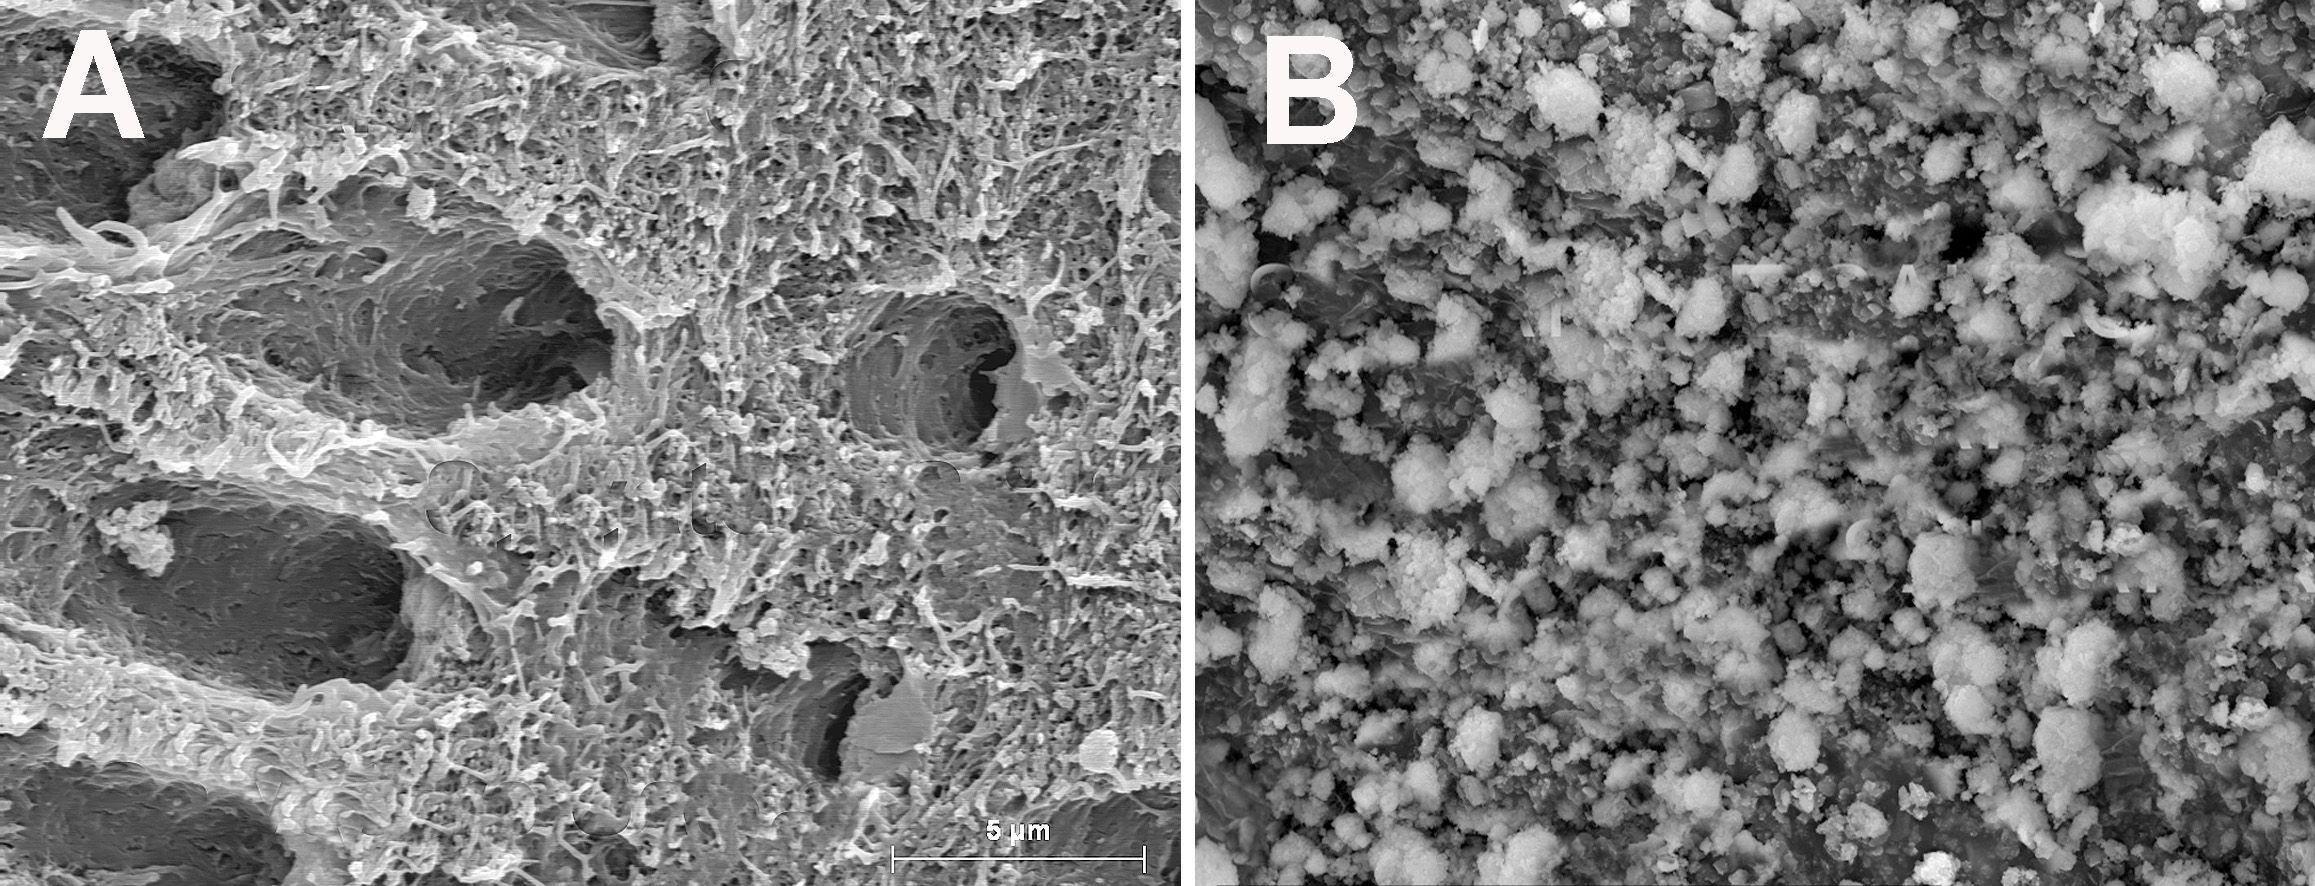 A: Dentina desmineralizada que presenta una cantidad de fibras de colágeno que, si no son preservadas y remineralizadas, pueden degradarse por la acción de las enzimas proteolíticas dentinales. B: Dentina tratada con resina con vidrio bioactivo enriquecida con flúor, que presenta precipitaciones minerales como signos de remineralización. FOTO: S. Sauro.